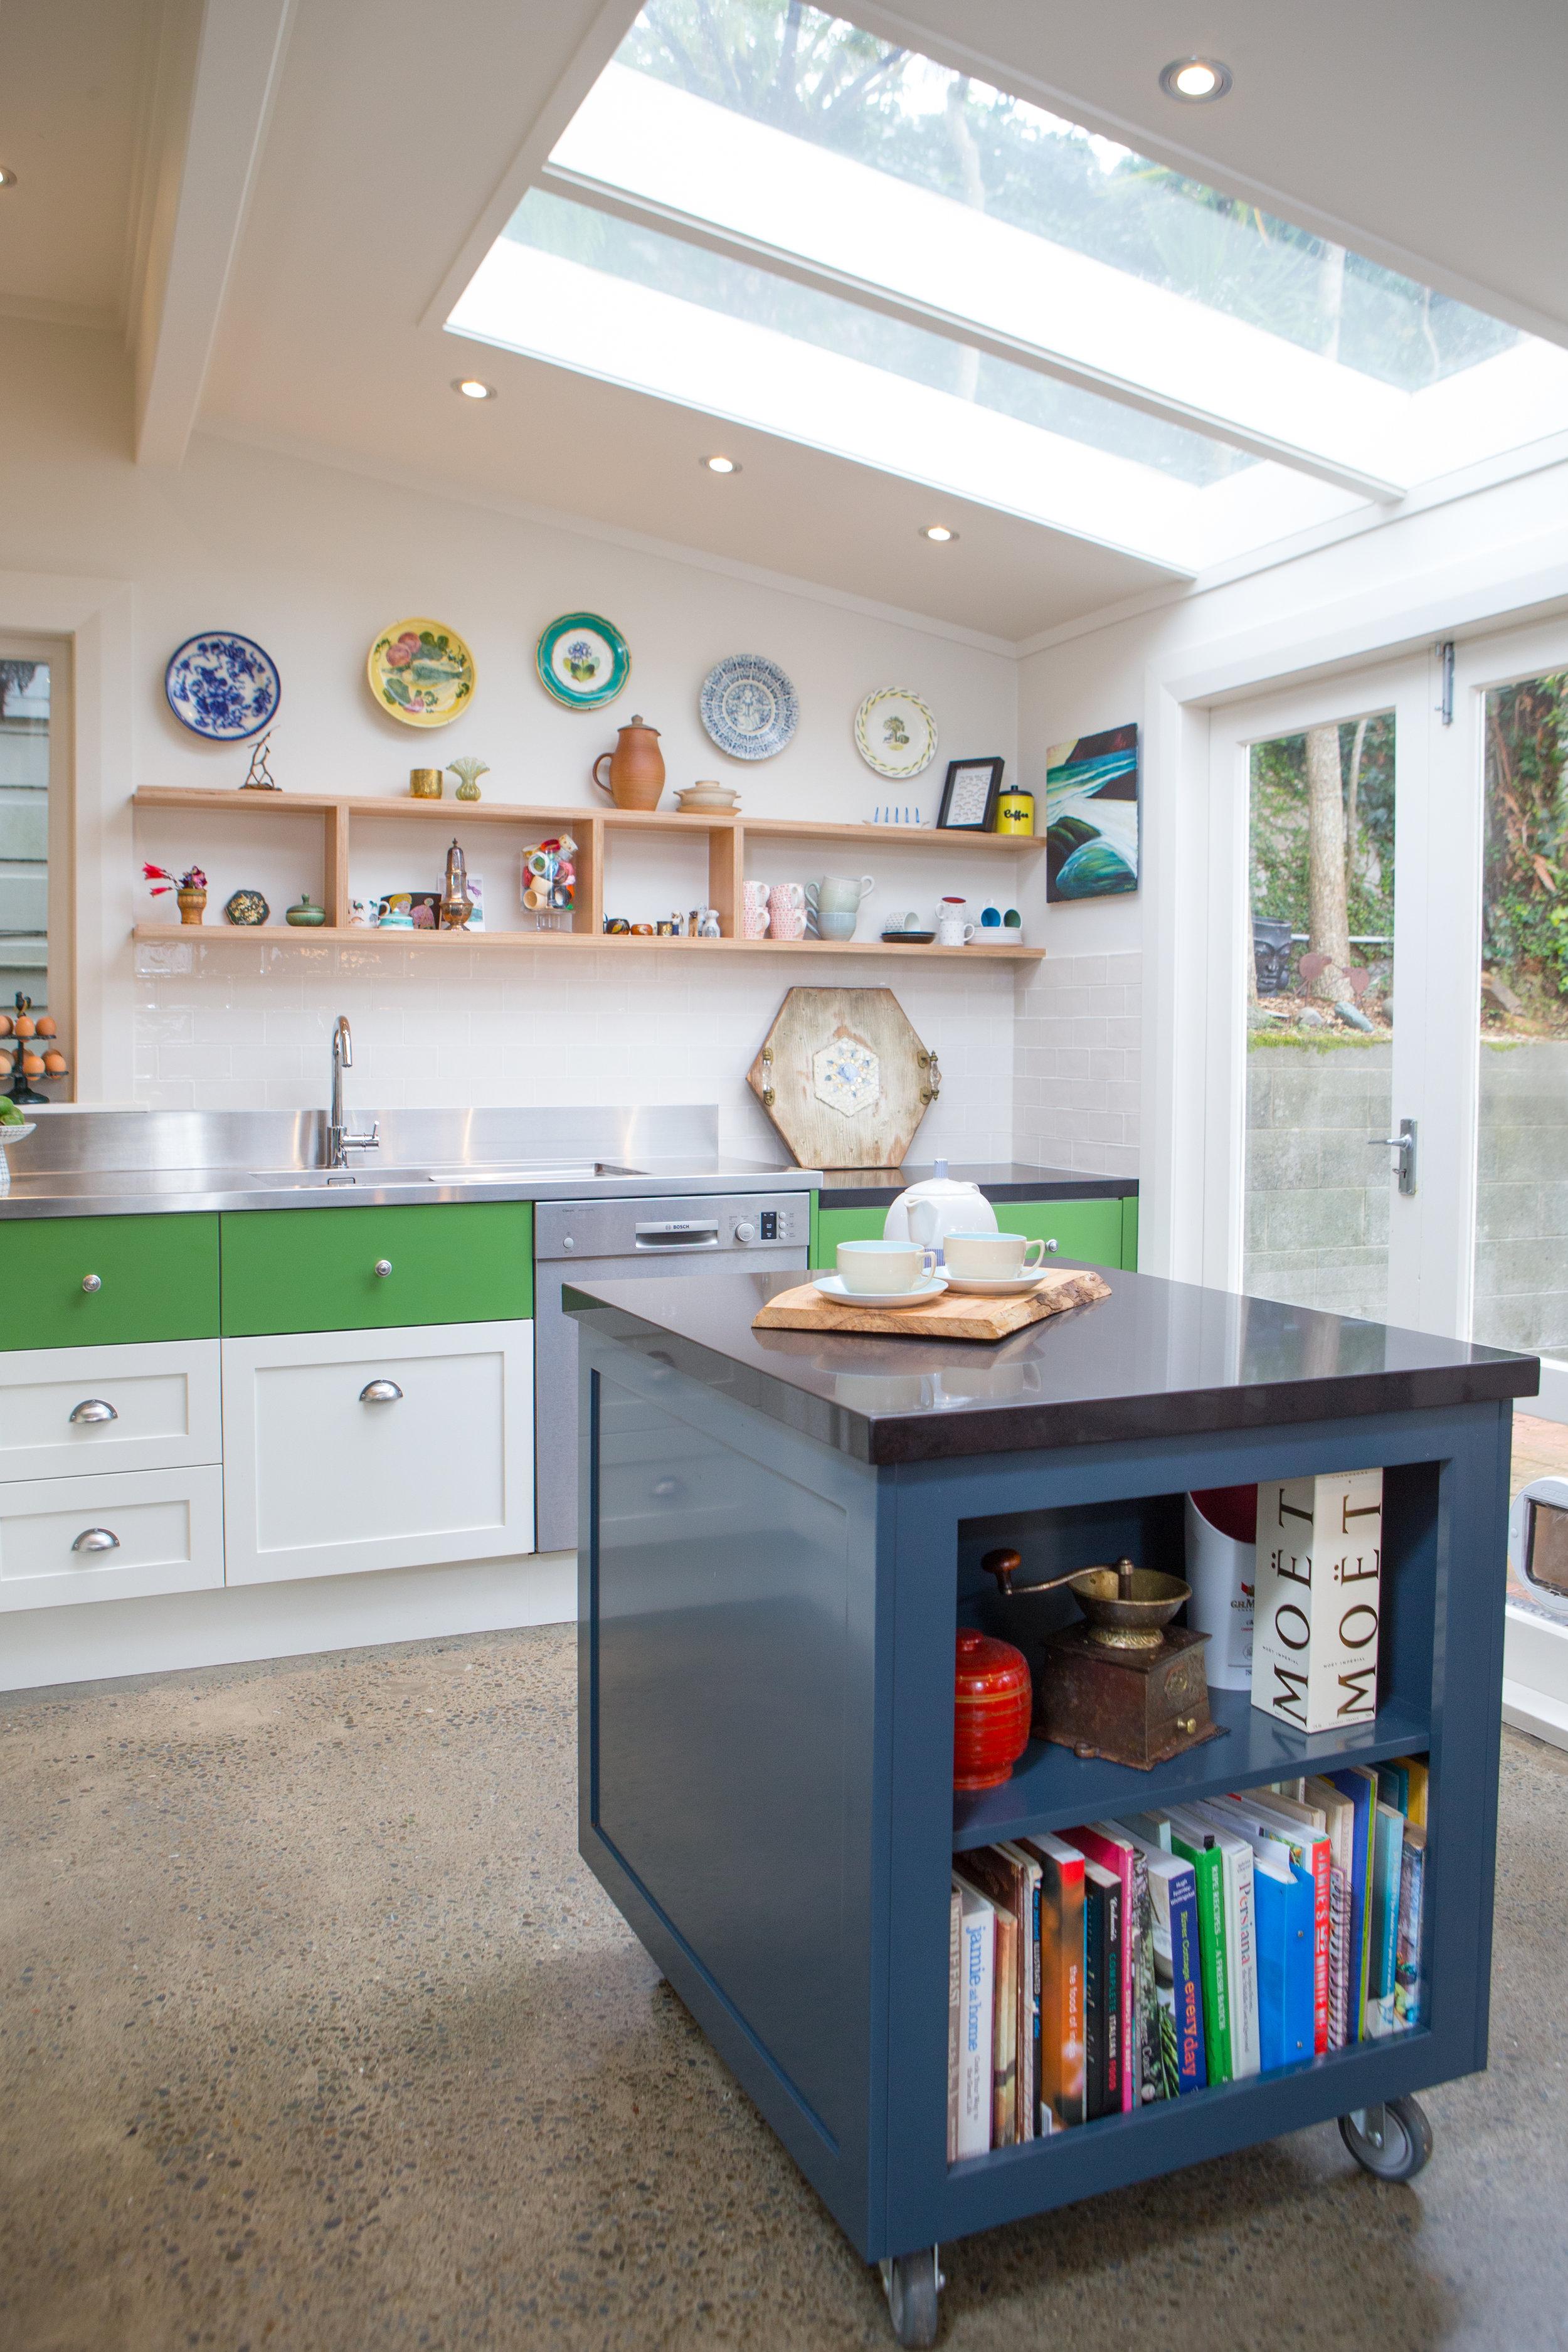 In Haus Design Green Kitchen 04.jpg